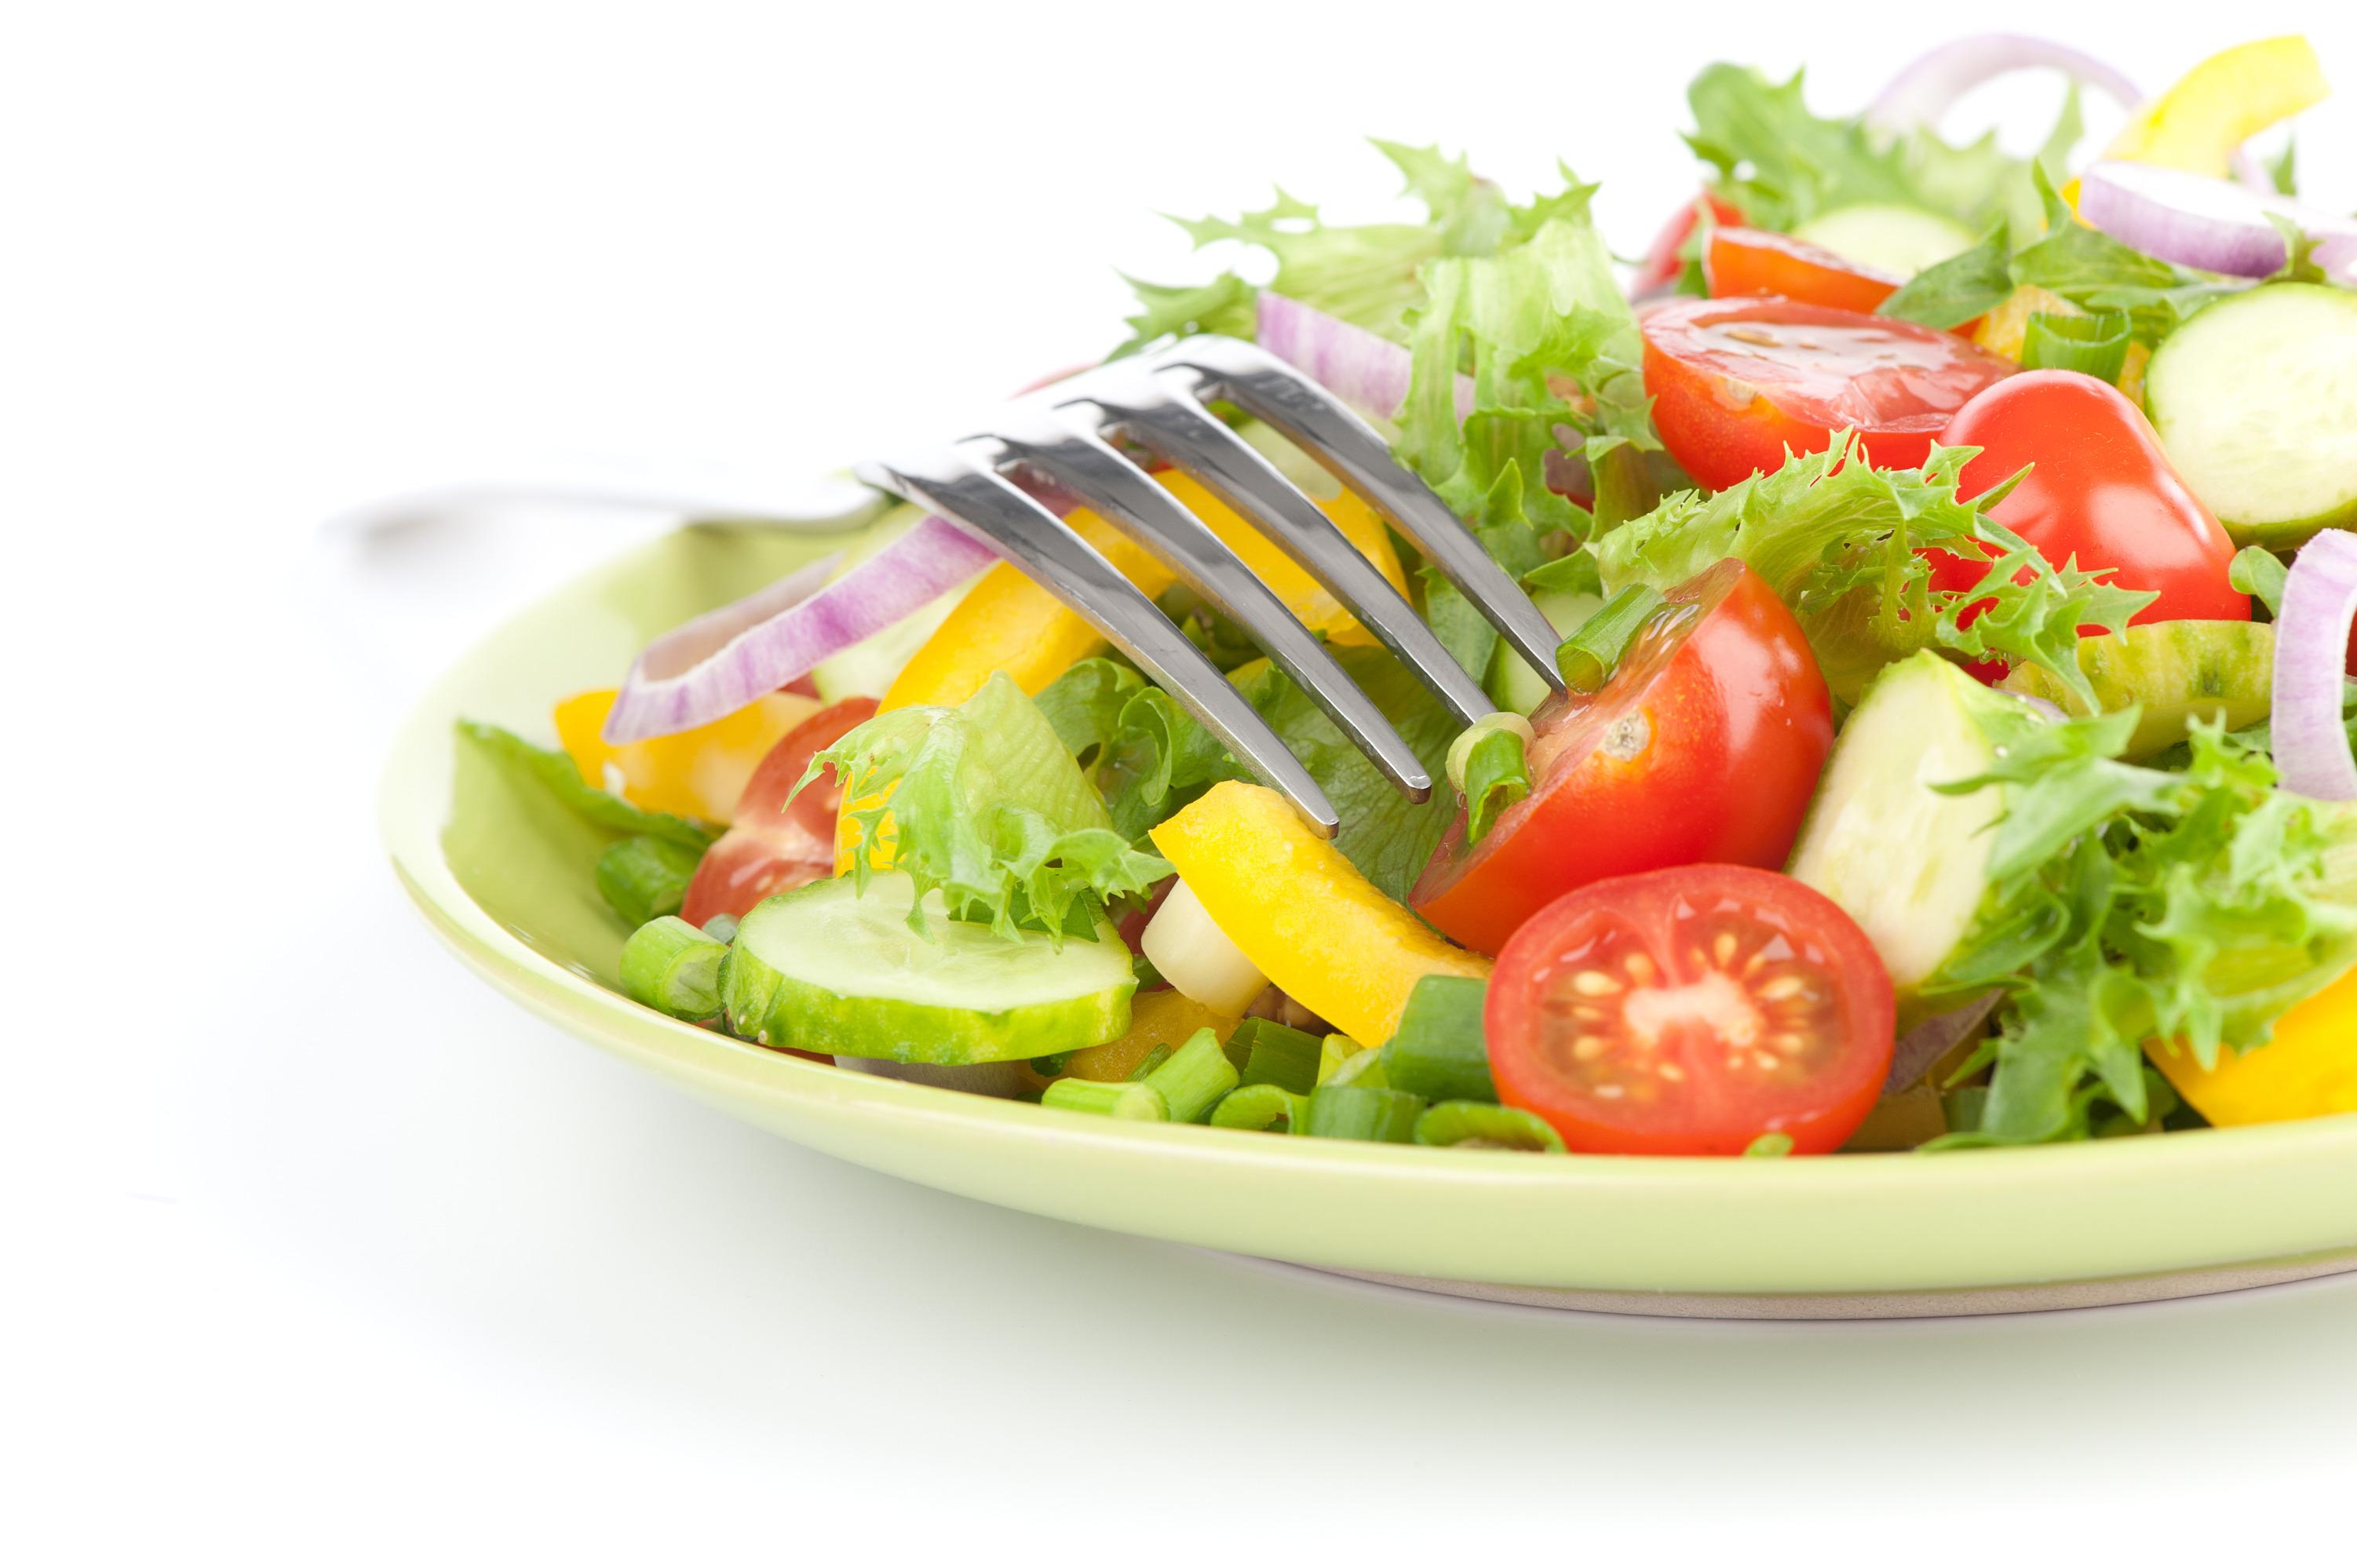 美味しく減塩!手軽に作って健康に 高血圧の改善レシピ5選!のサムネイル画像